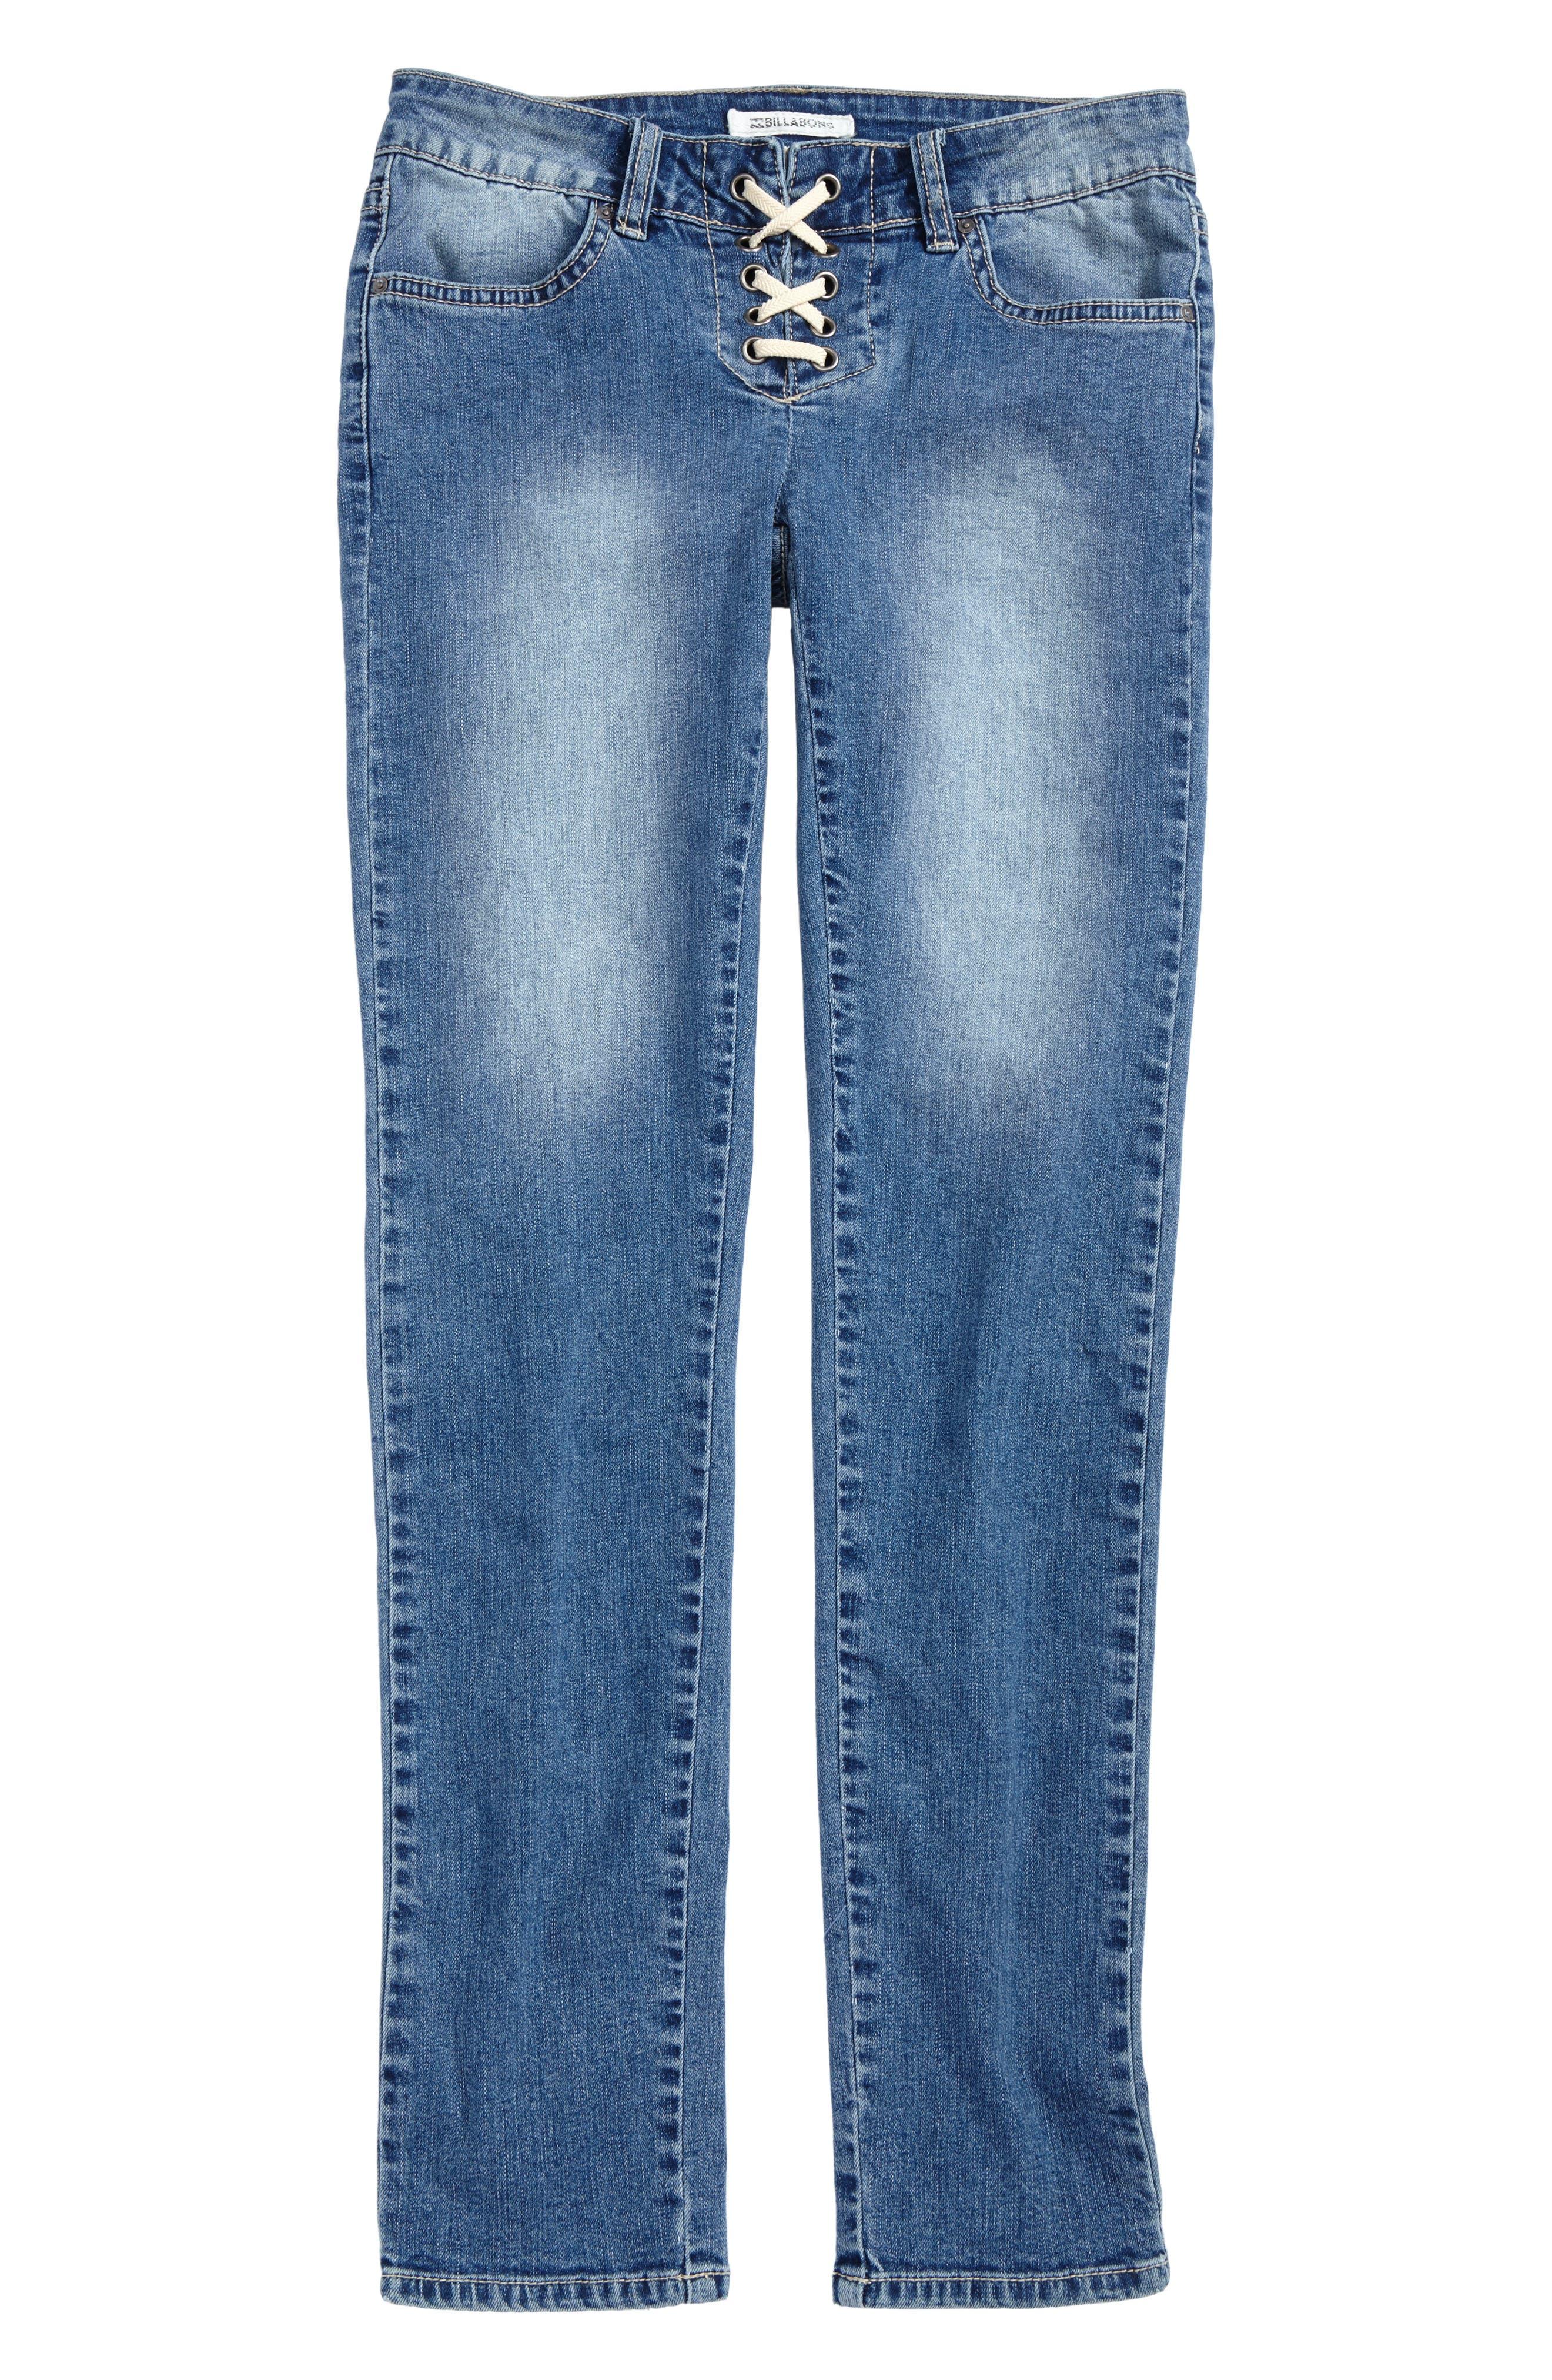 Alternate Image 1 Selected - Billabong Side to Side Skinny Jeans (Big Girls)